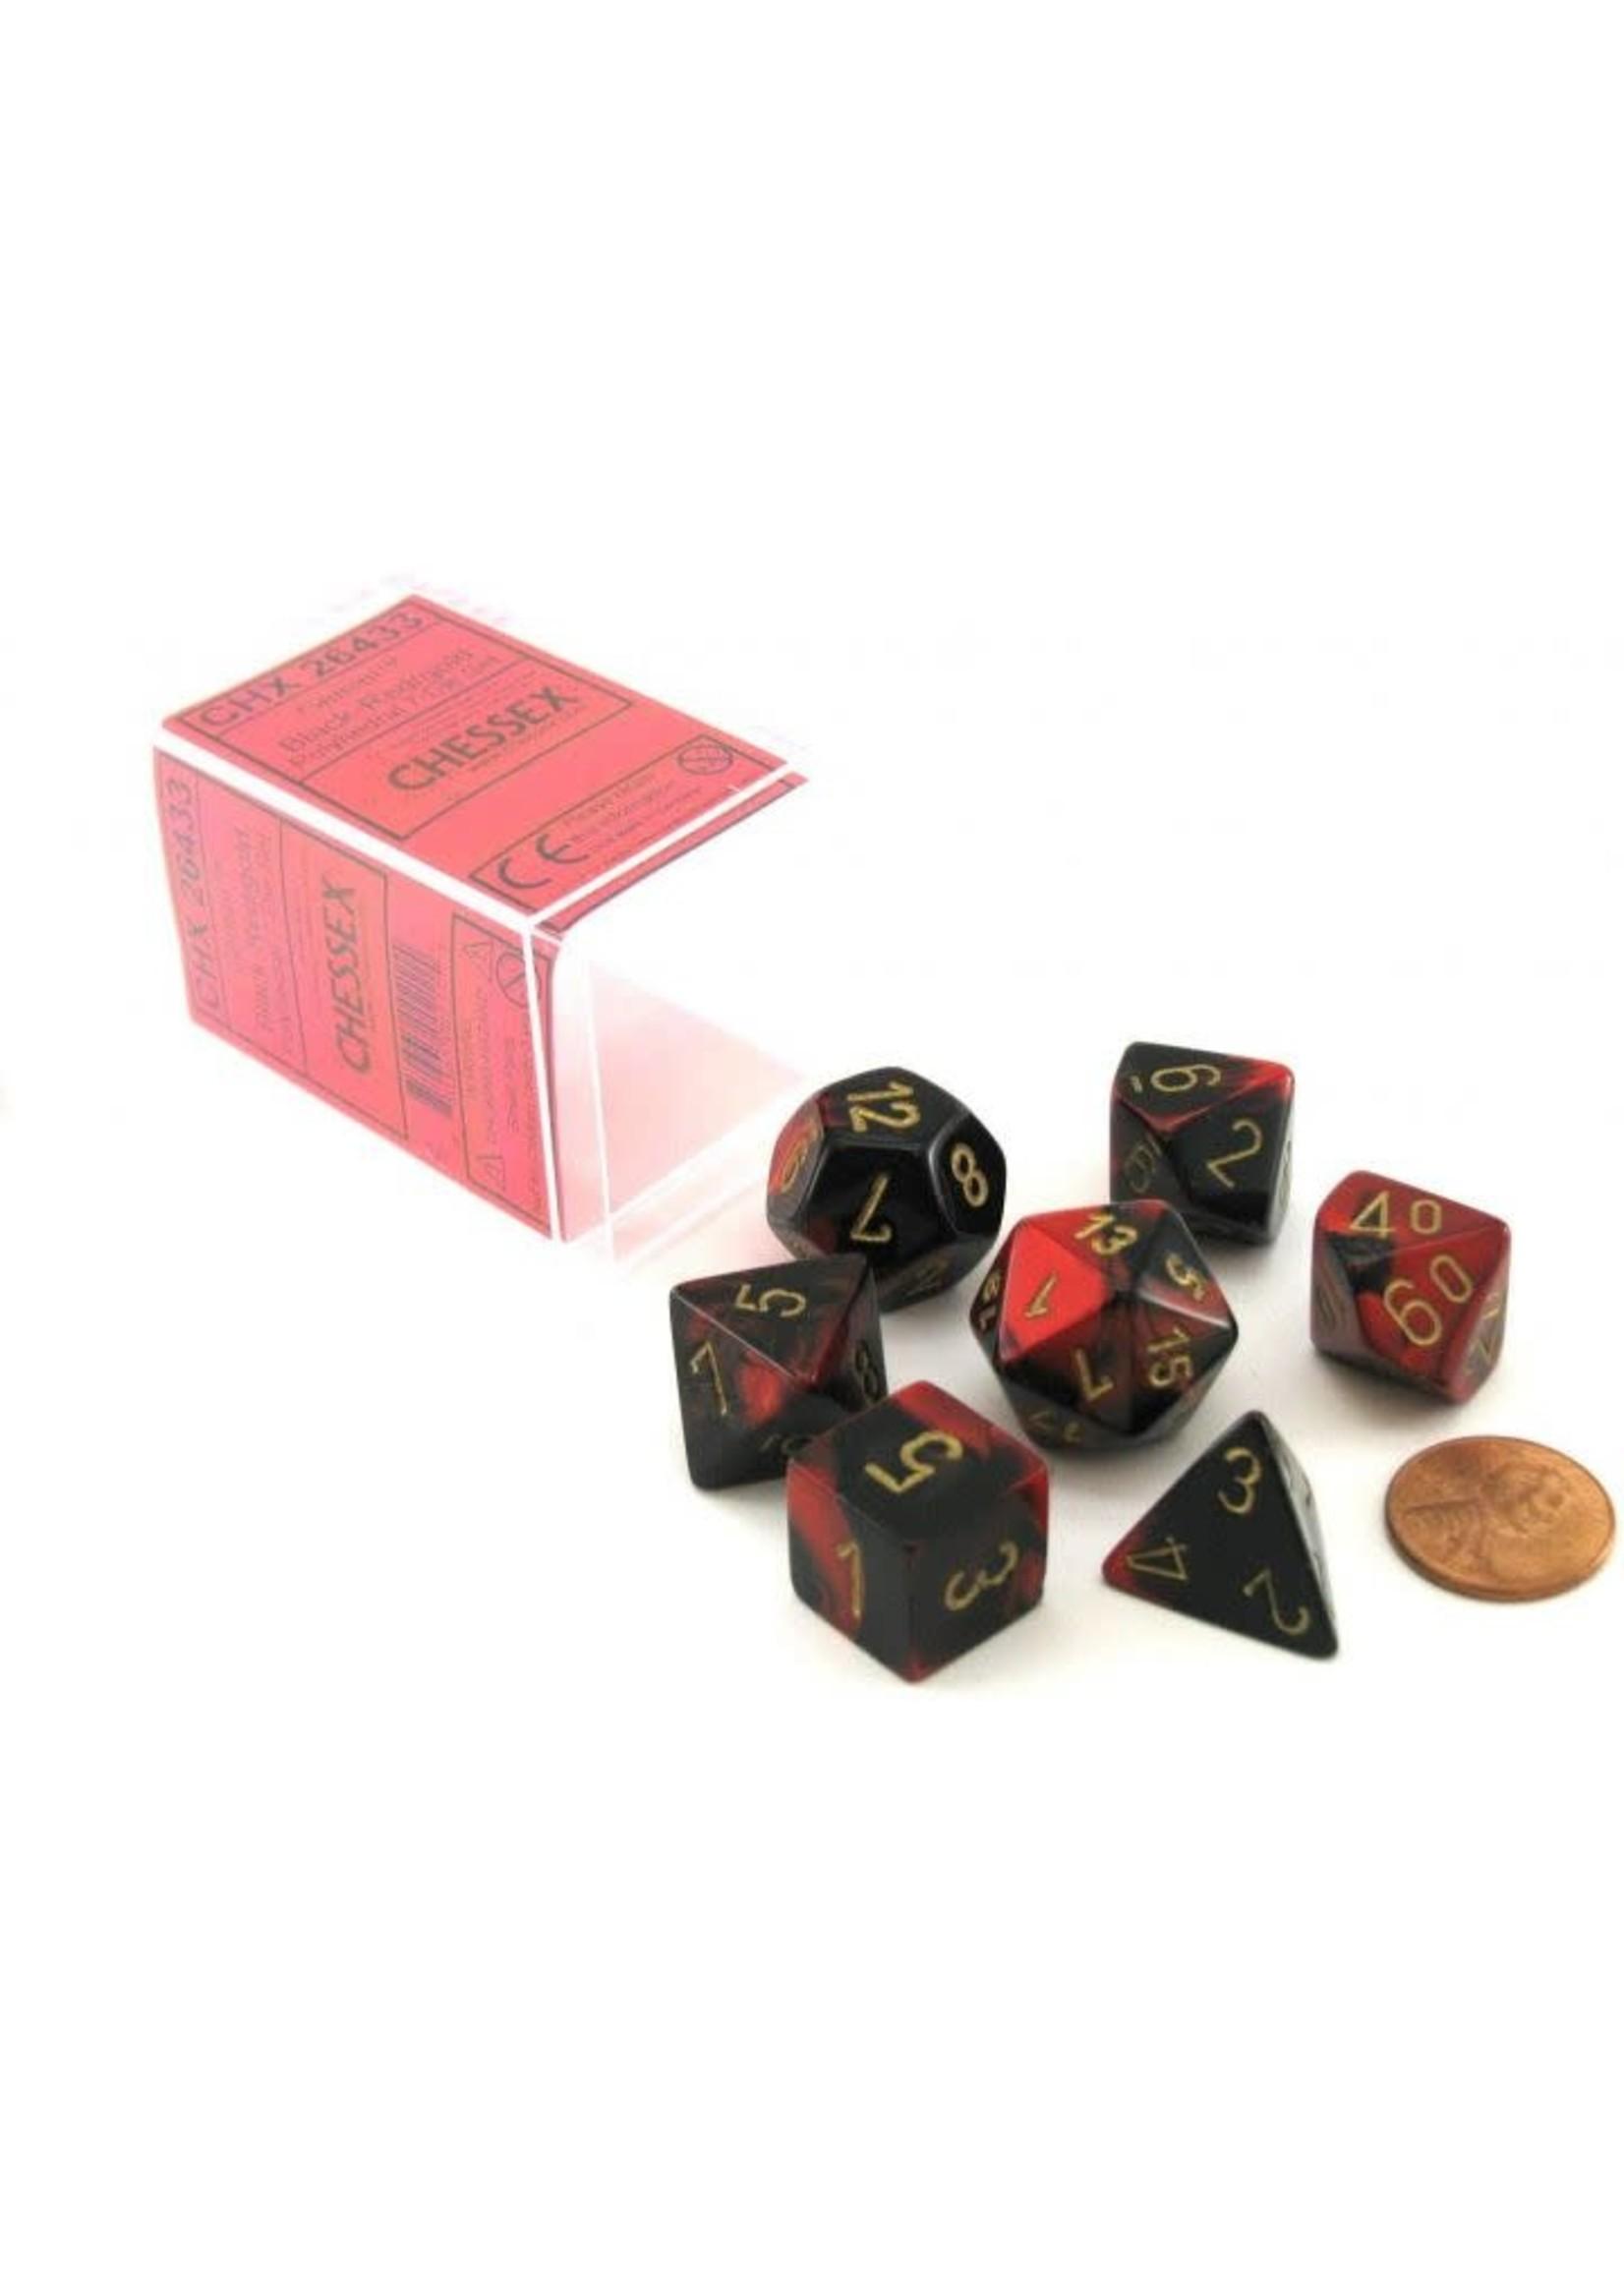 Gemini Polyhedral 7-Die Sets - Black-Red W/ Gold